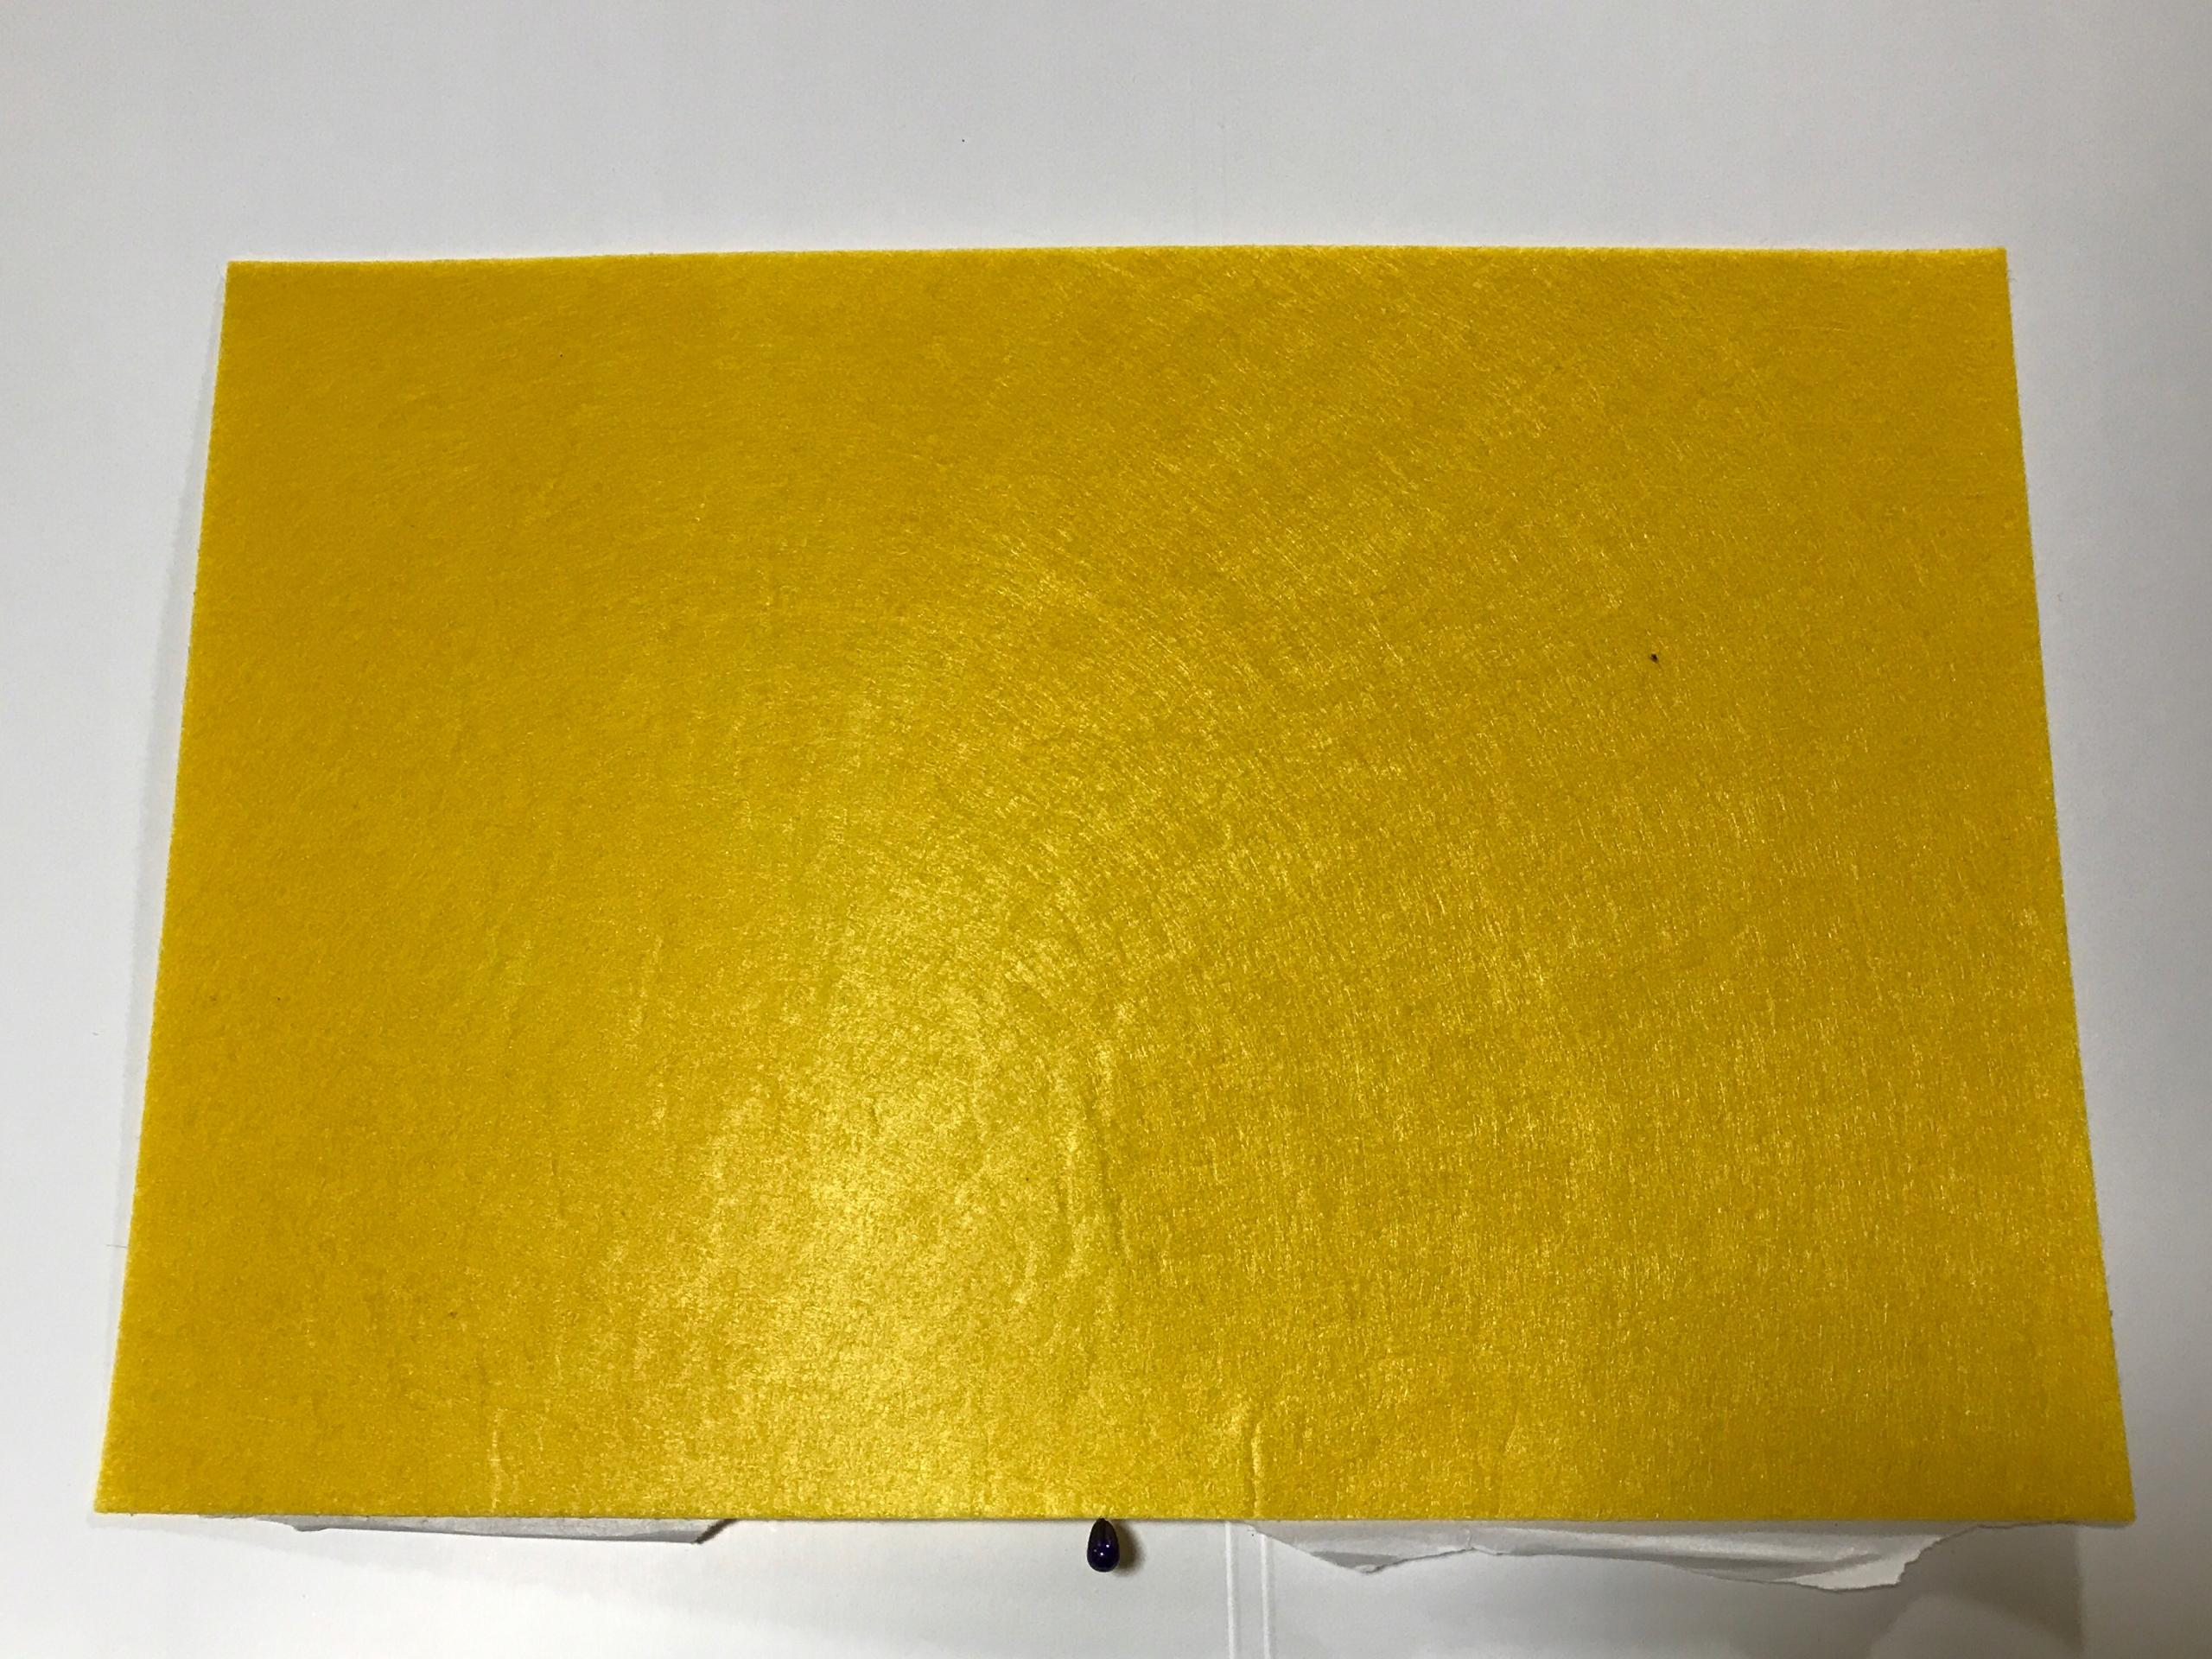 Filc arkusz wycinanki na kleju ok 19,7x28,7 1mm